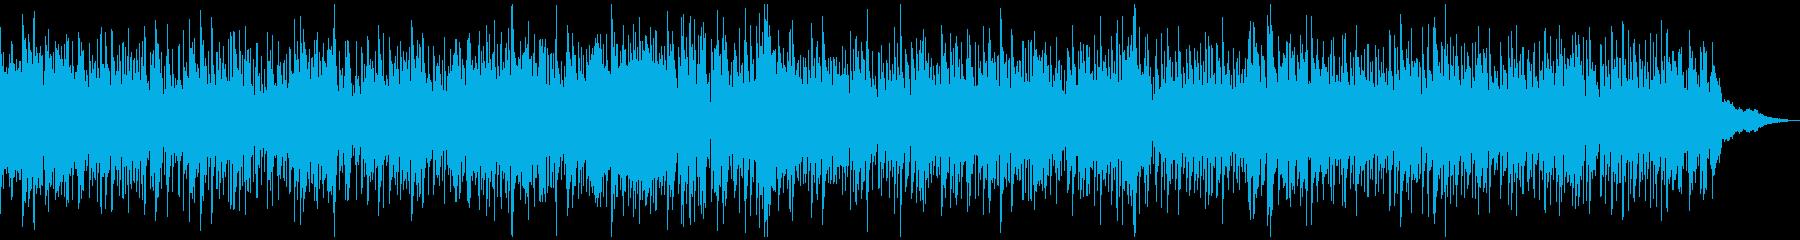 こどもの日「こいのぼり」生楽器ボサノバの再生済みの波形